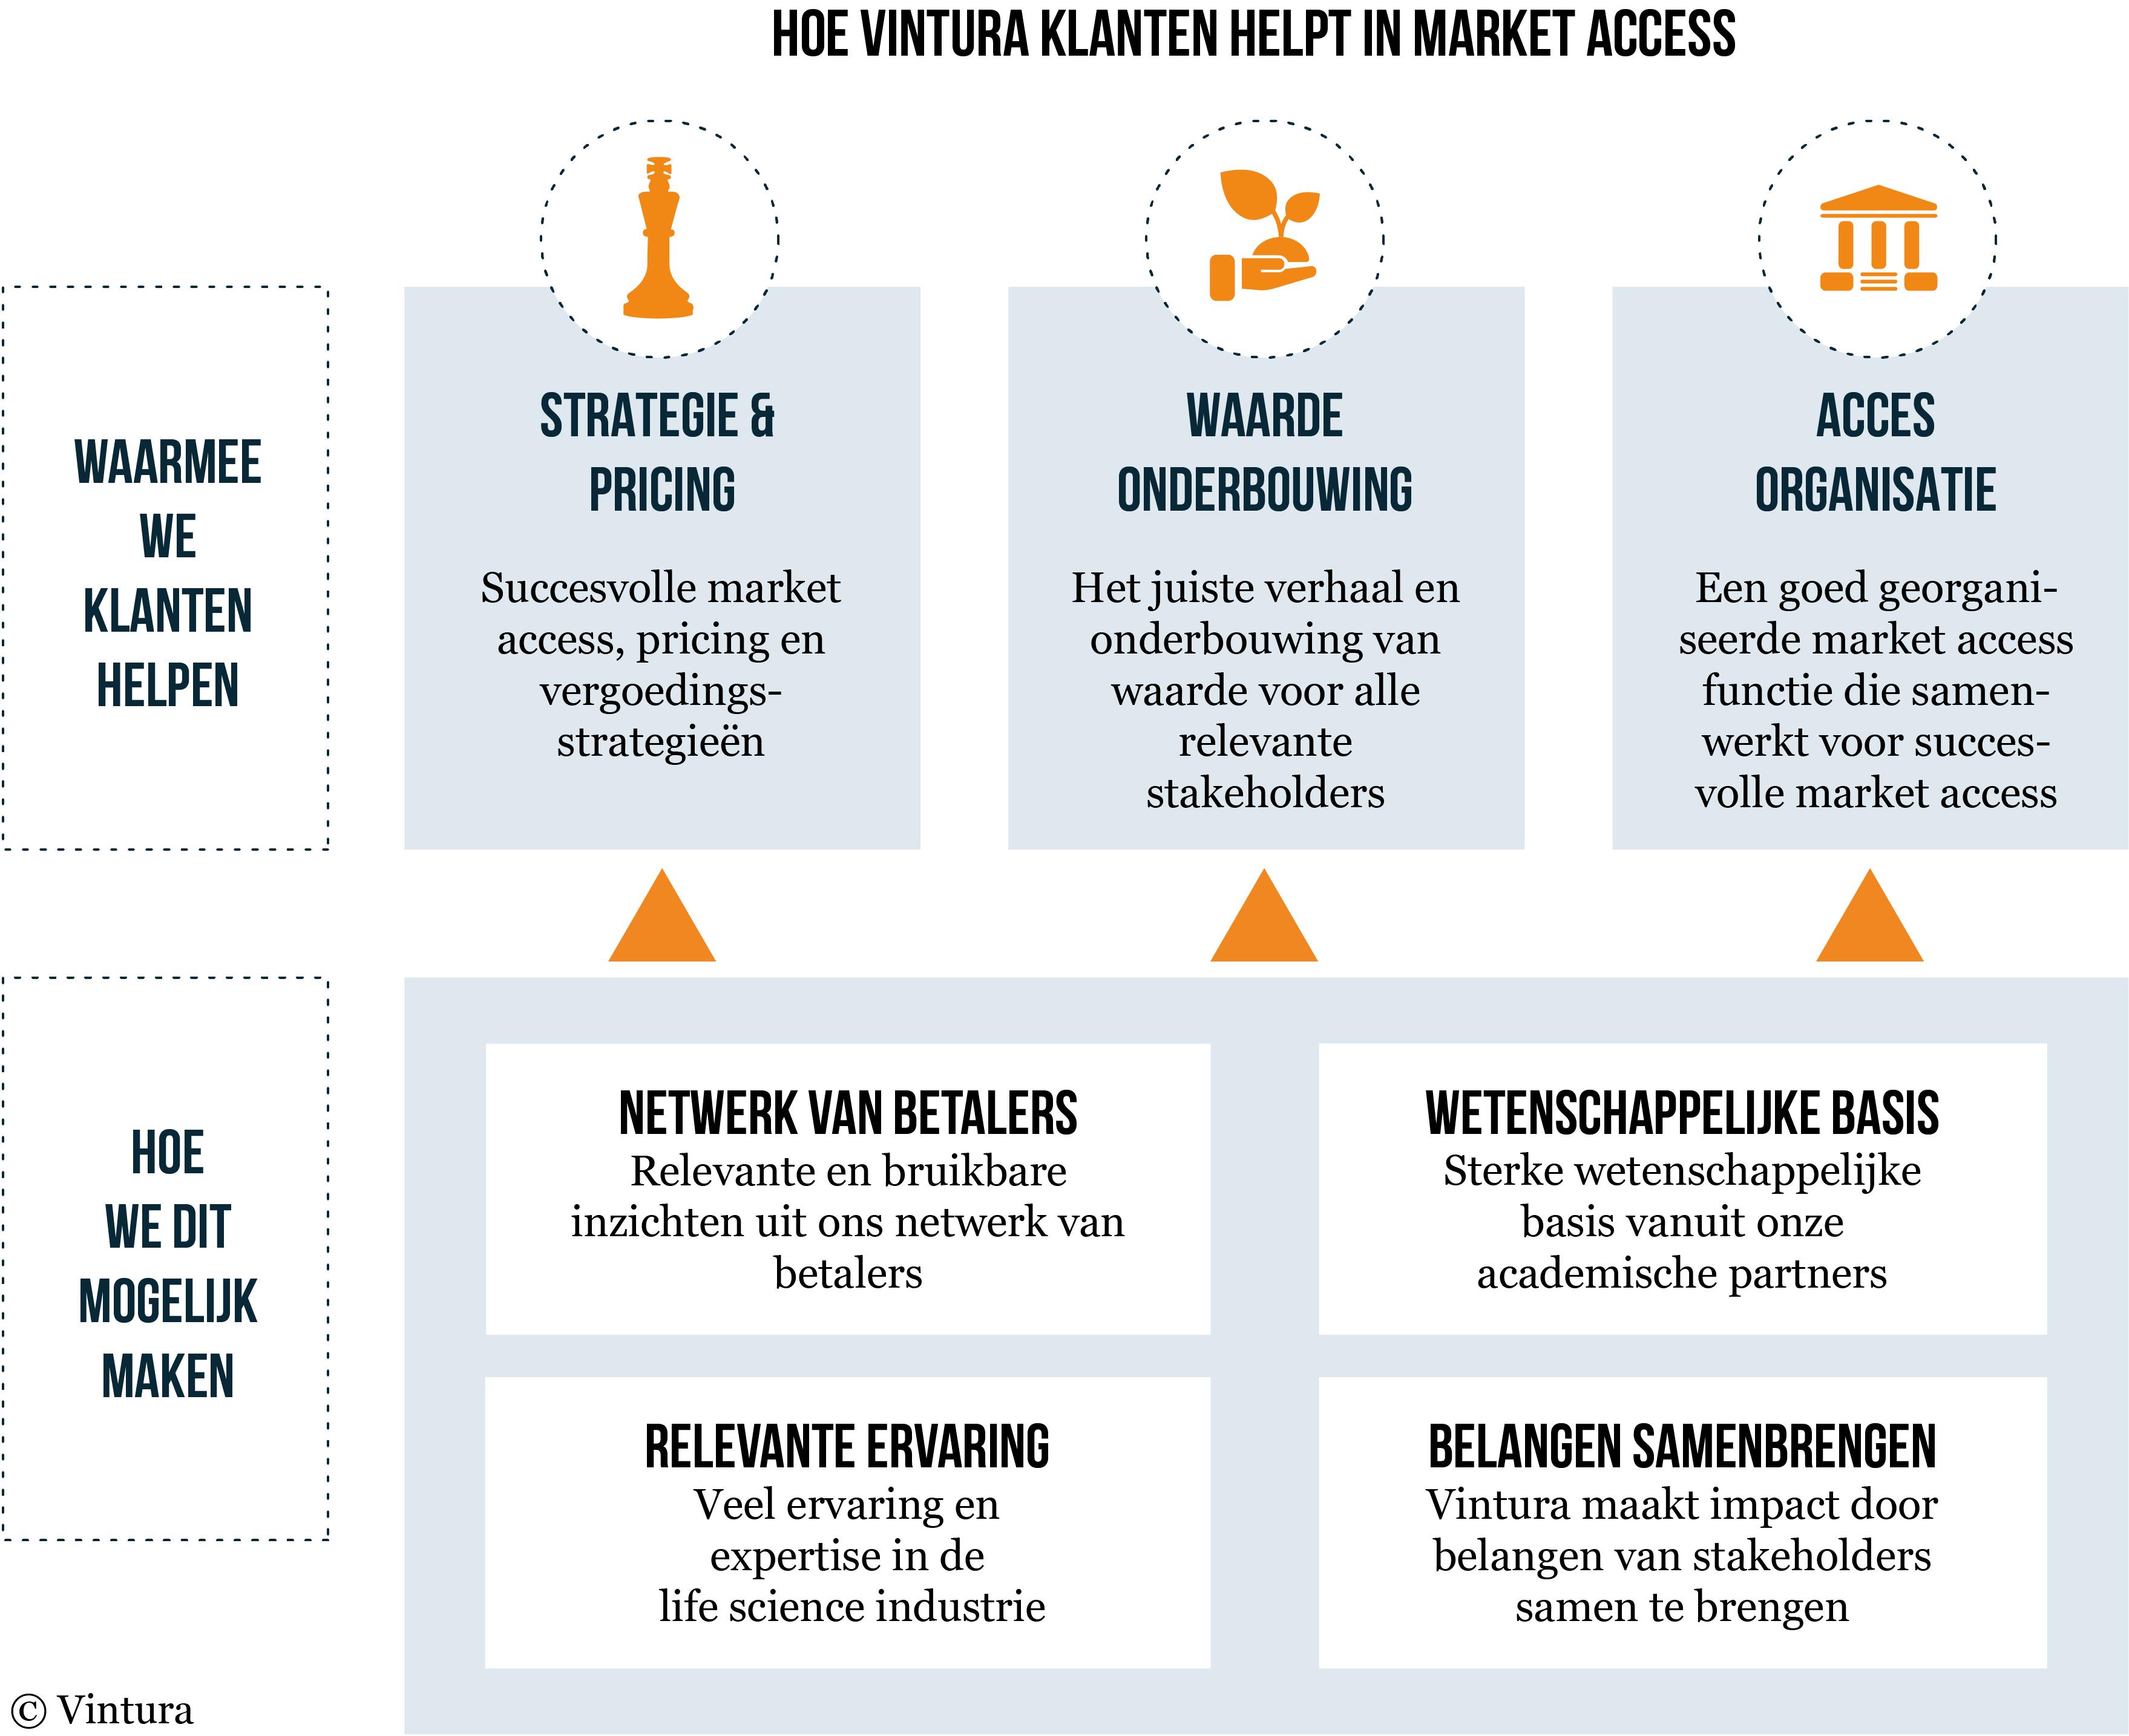 market access vintura consultancy life sciences - de vier pijlers schema